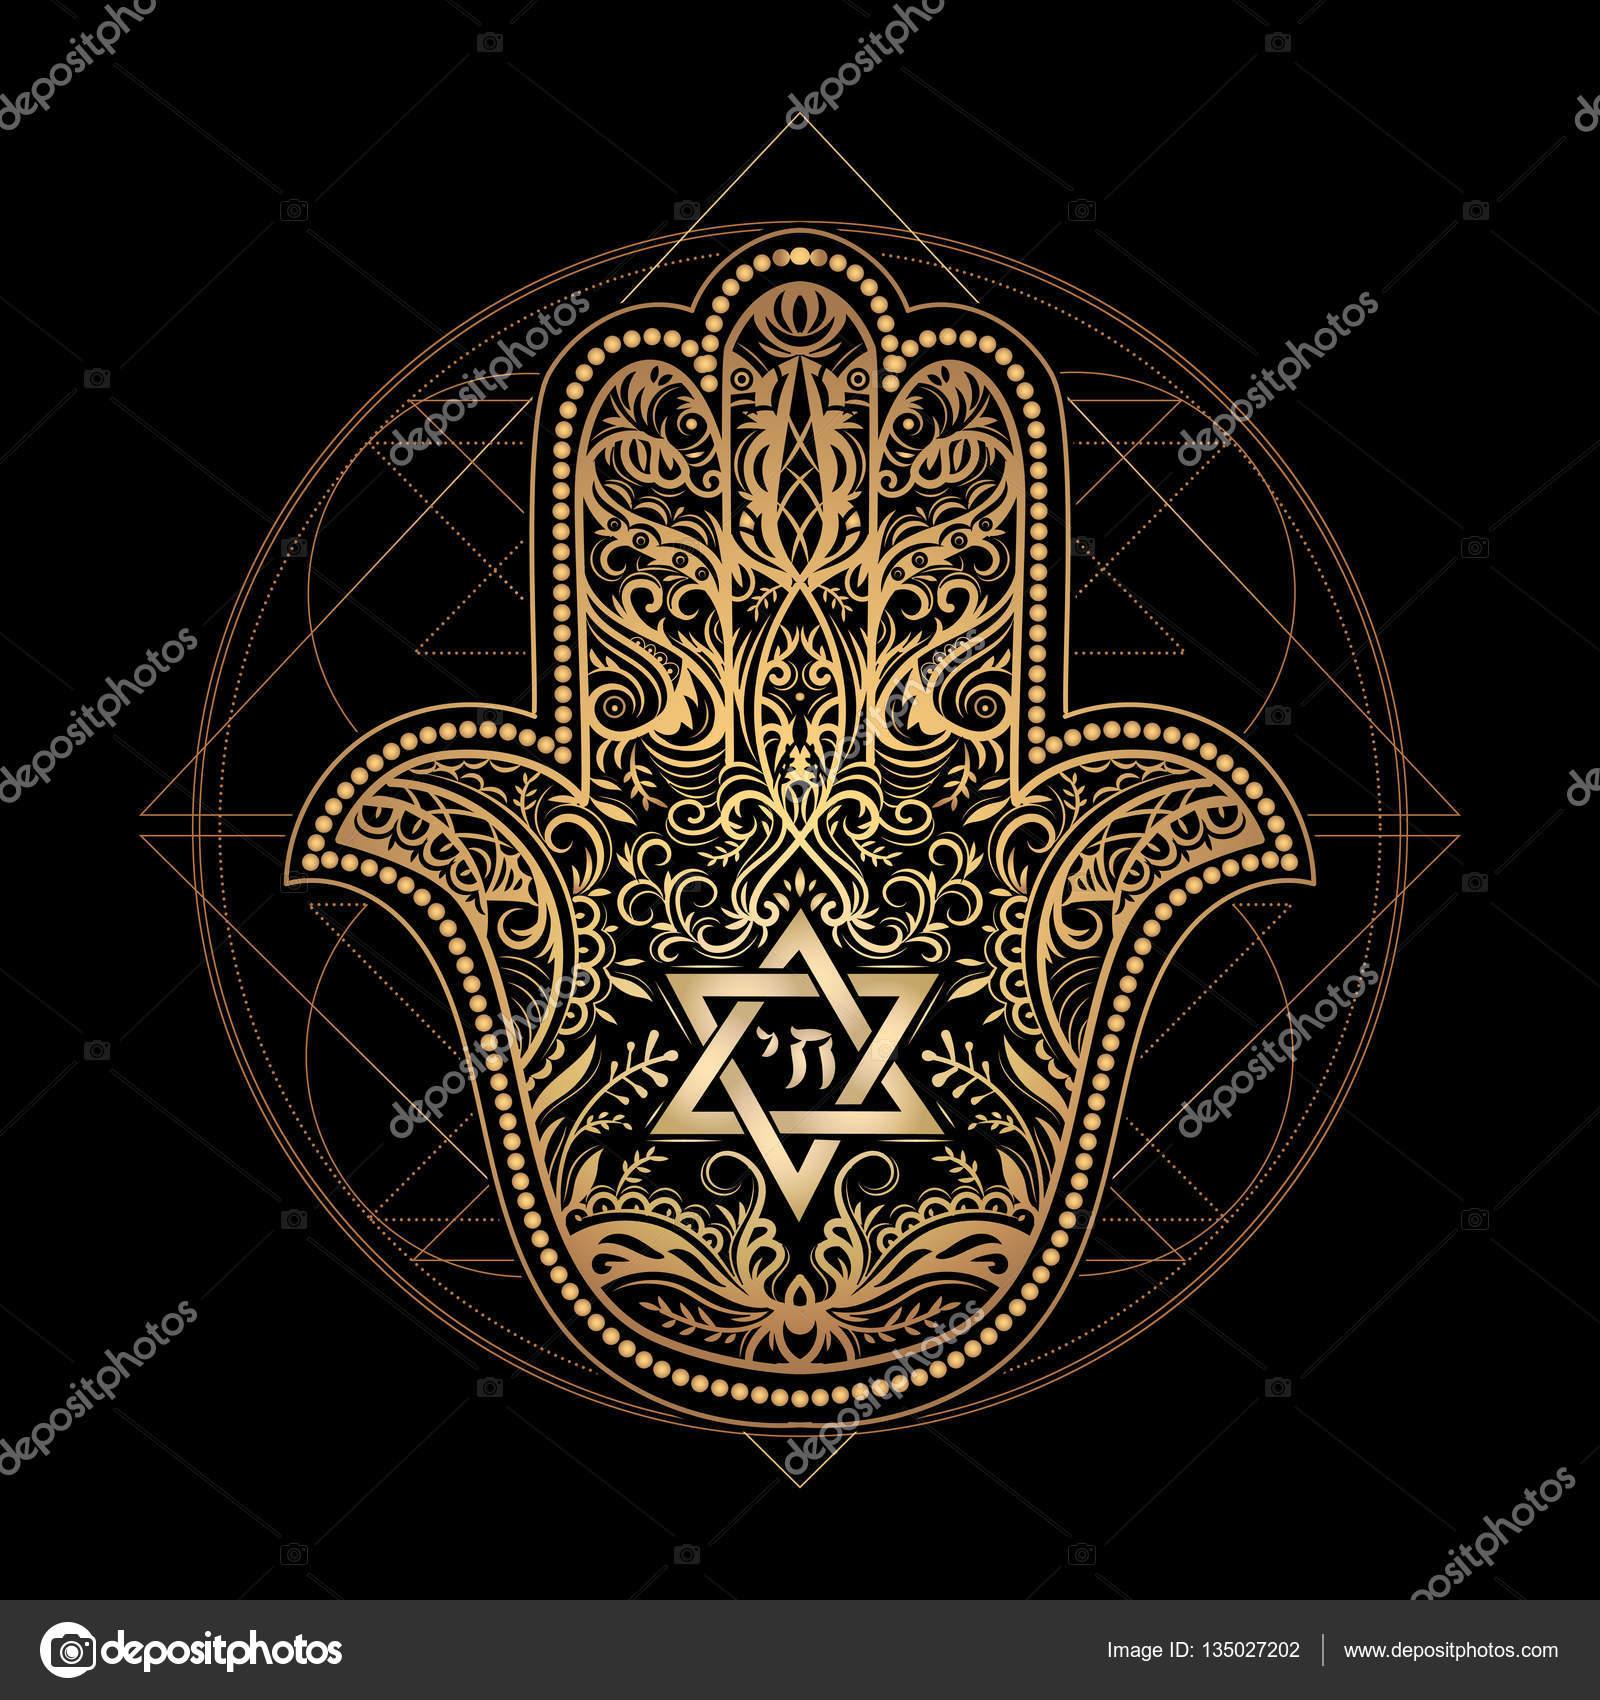 tatuaje de hamsa judía — Vector de stock © YulianaS #135027202